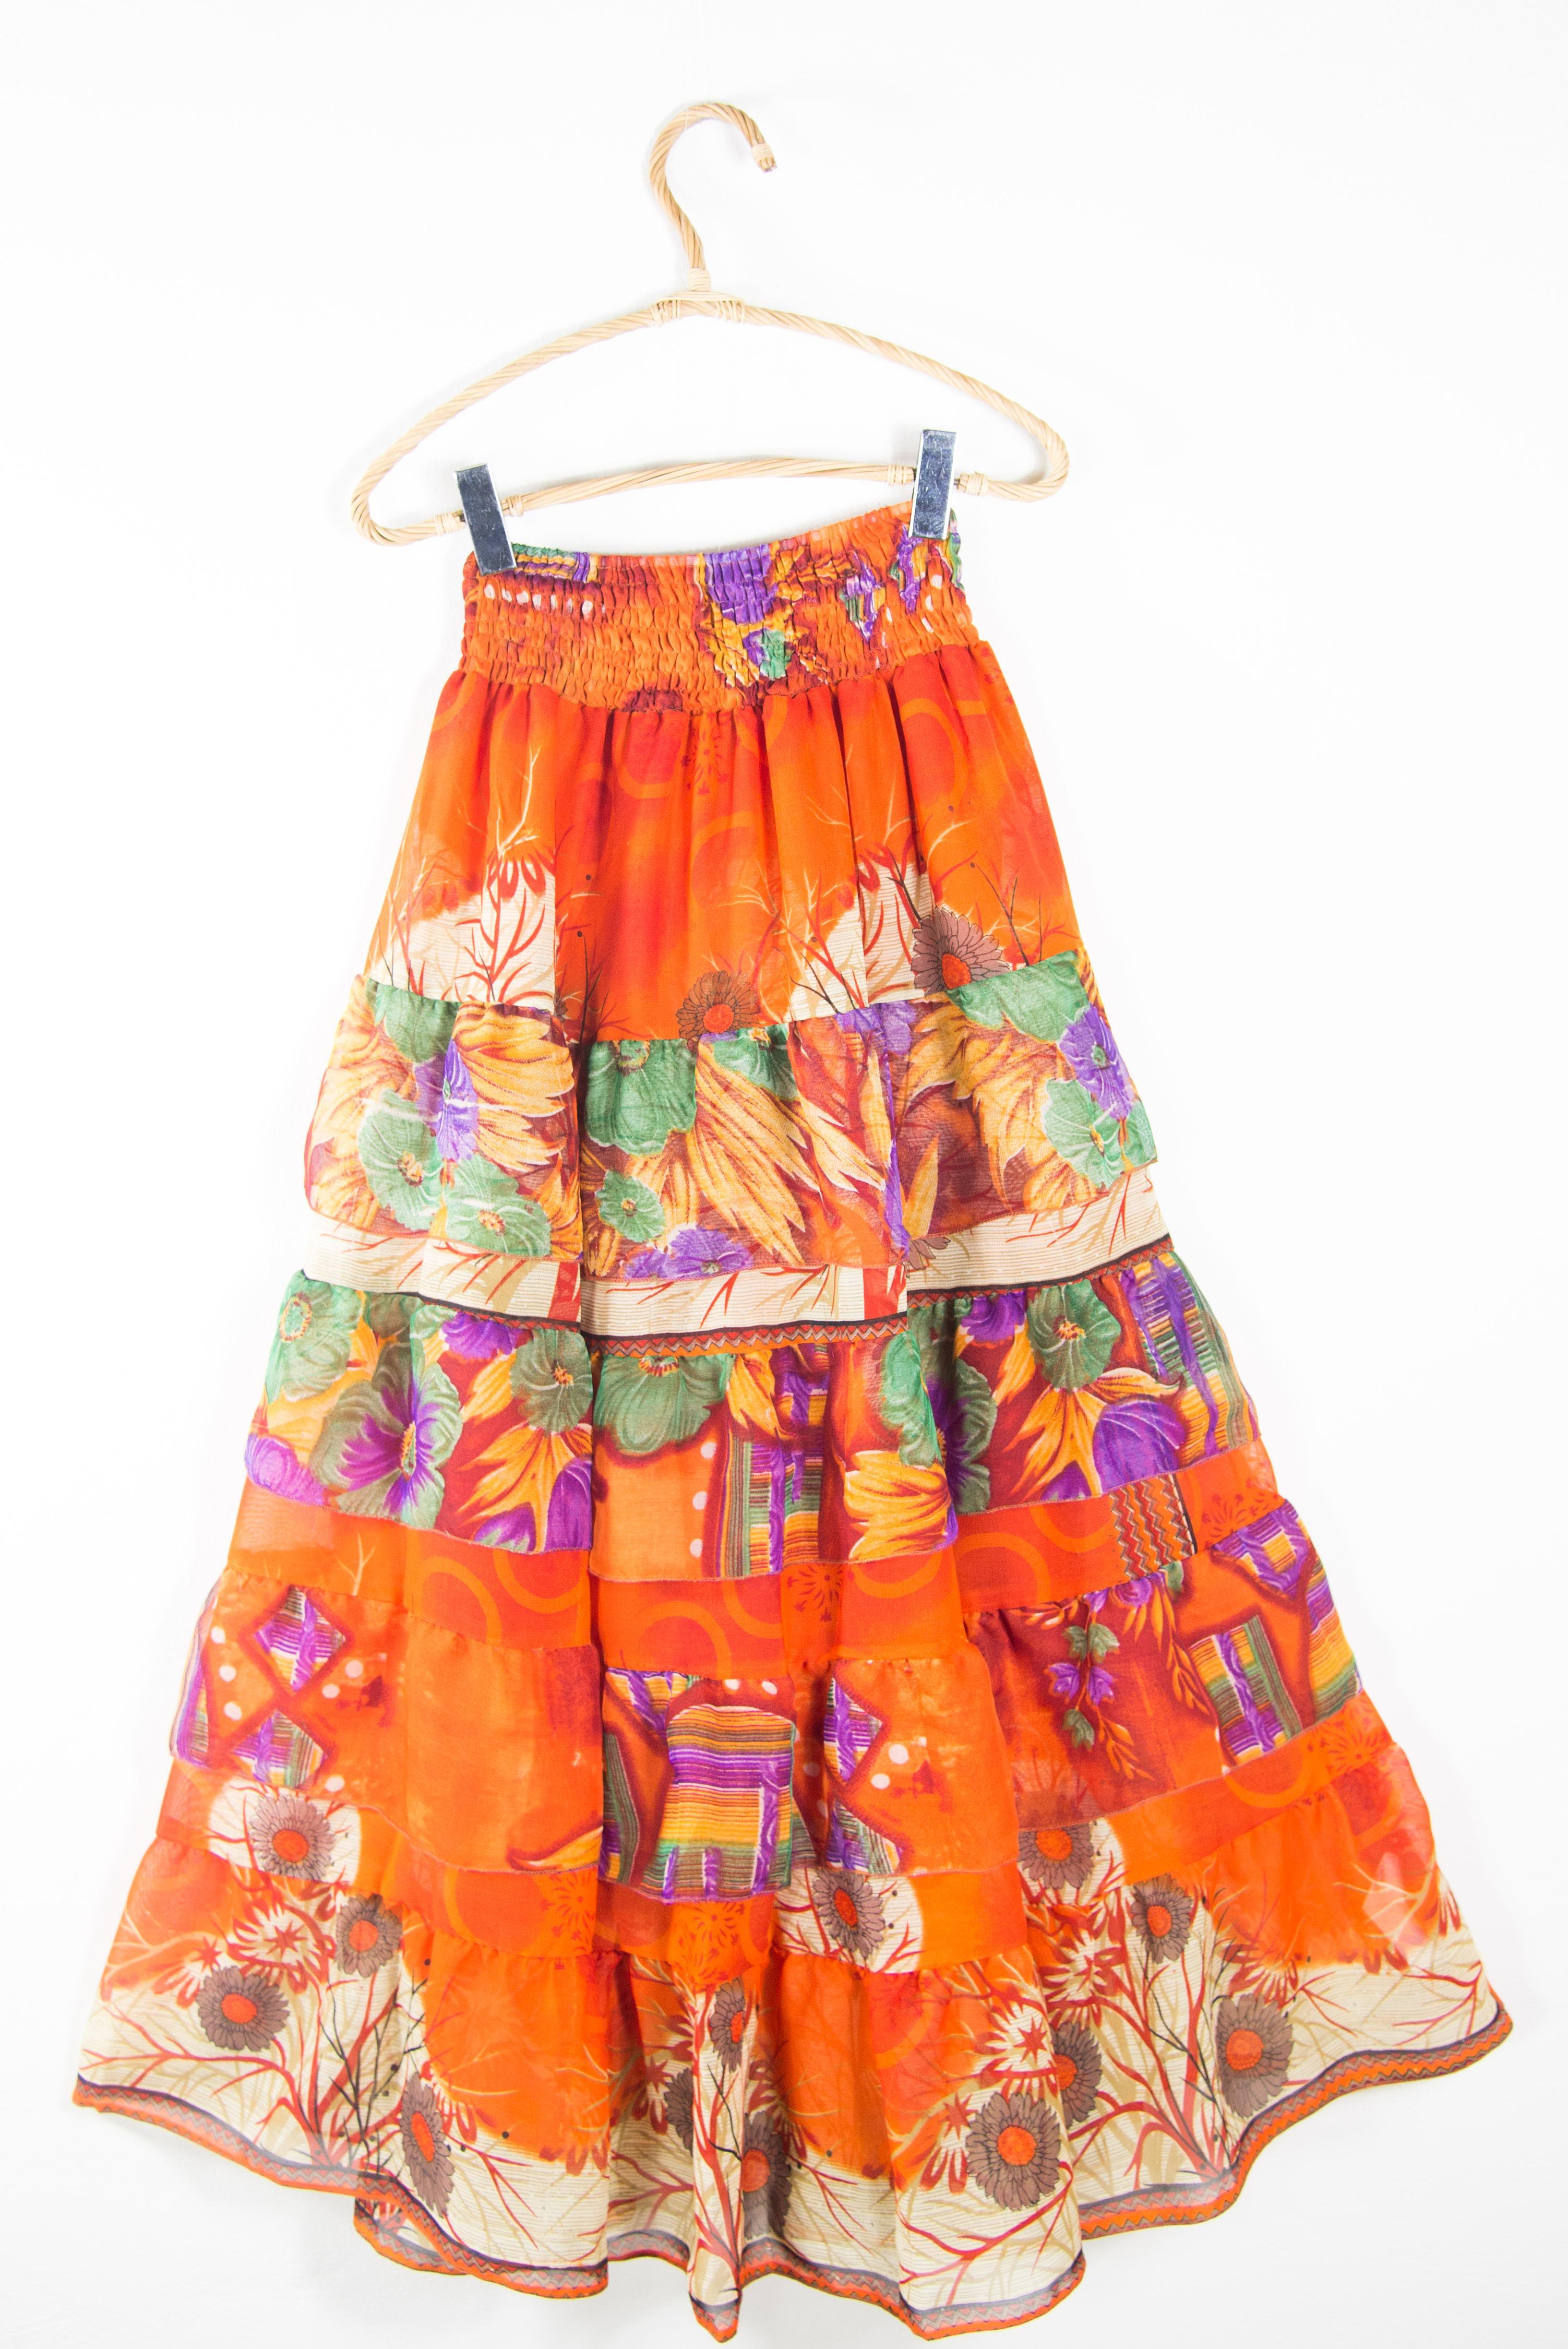 Handmade ethnic skirt. Online long skirts